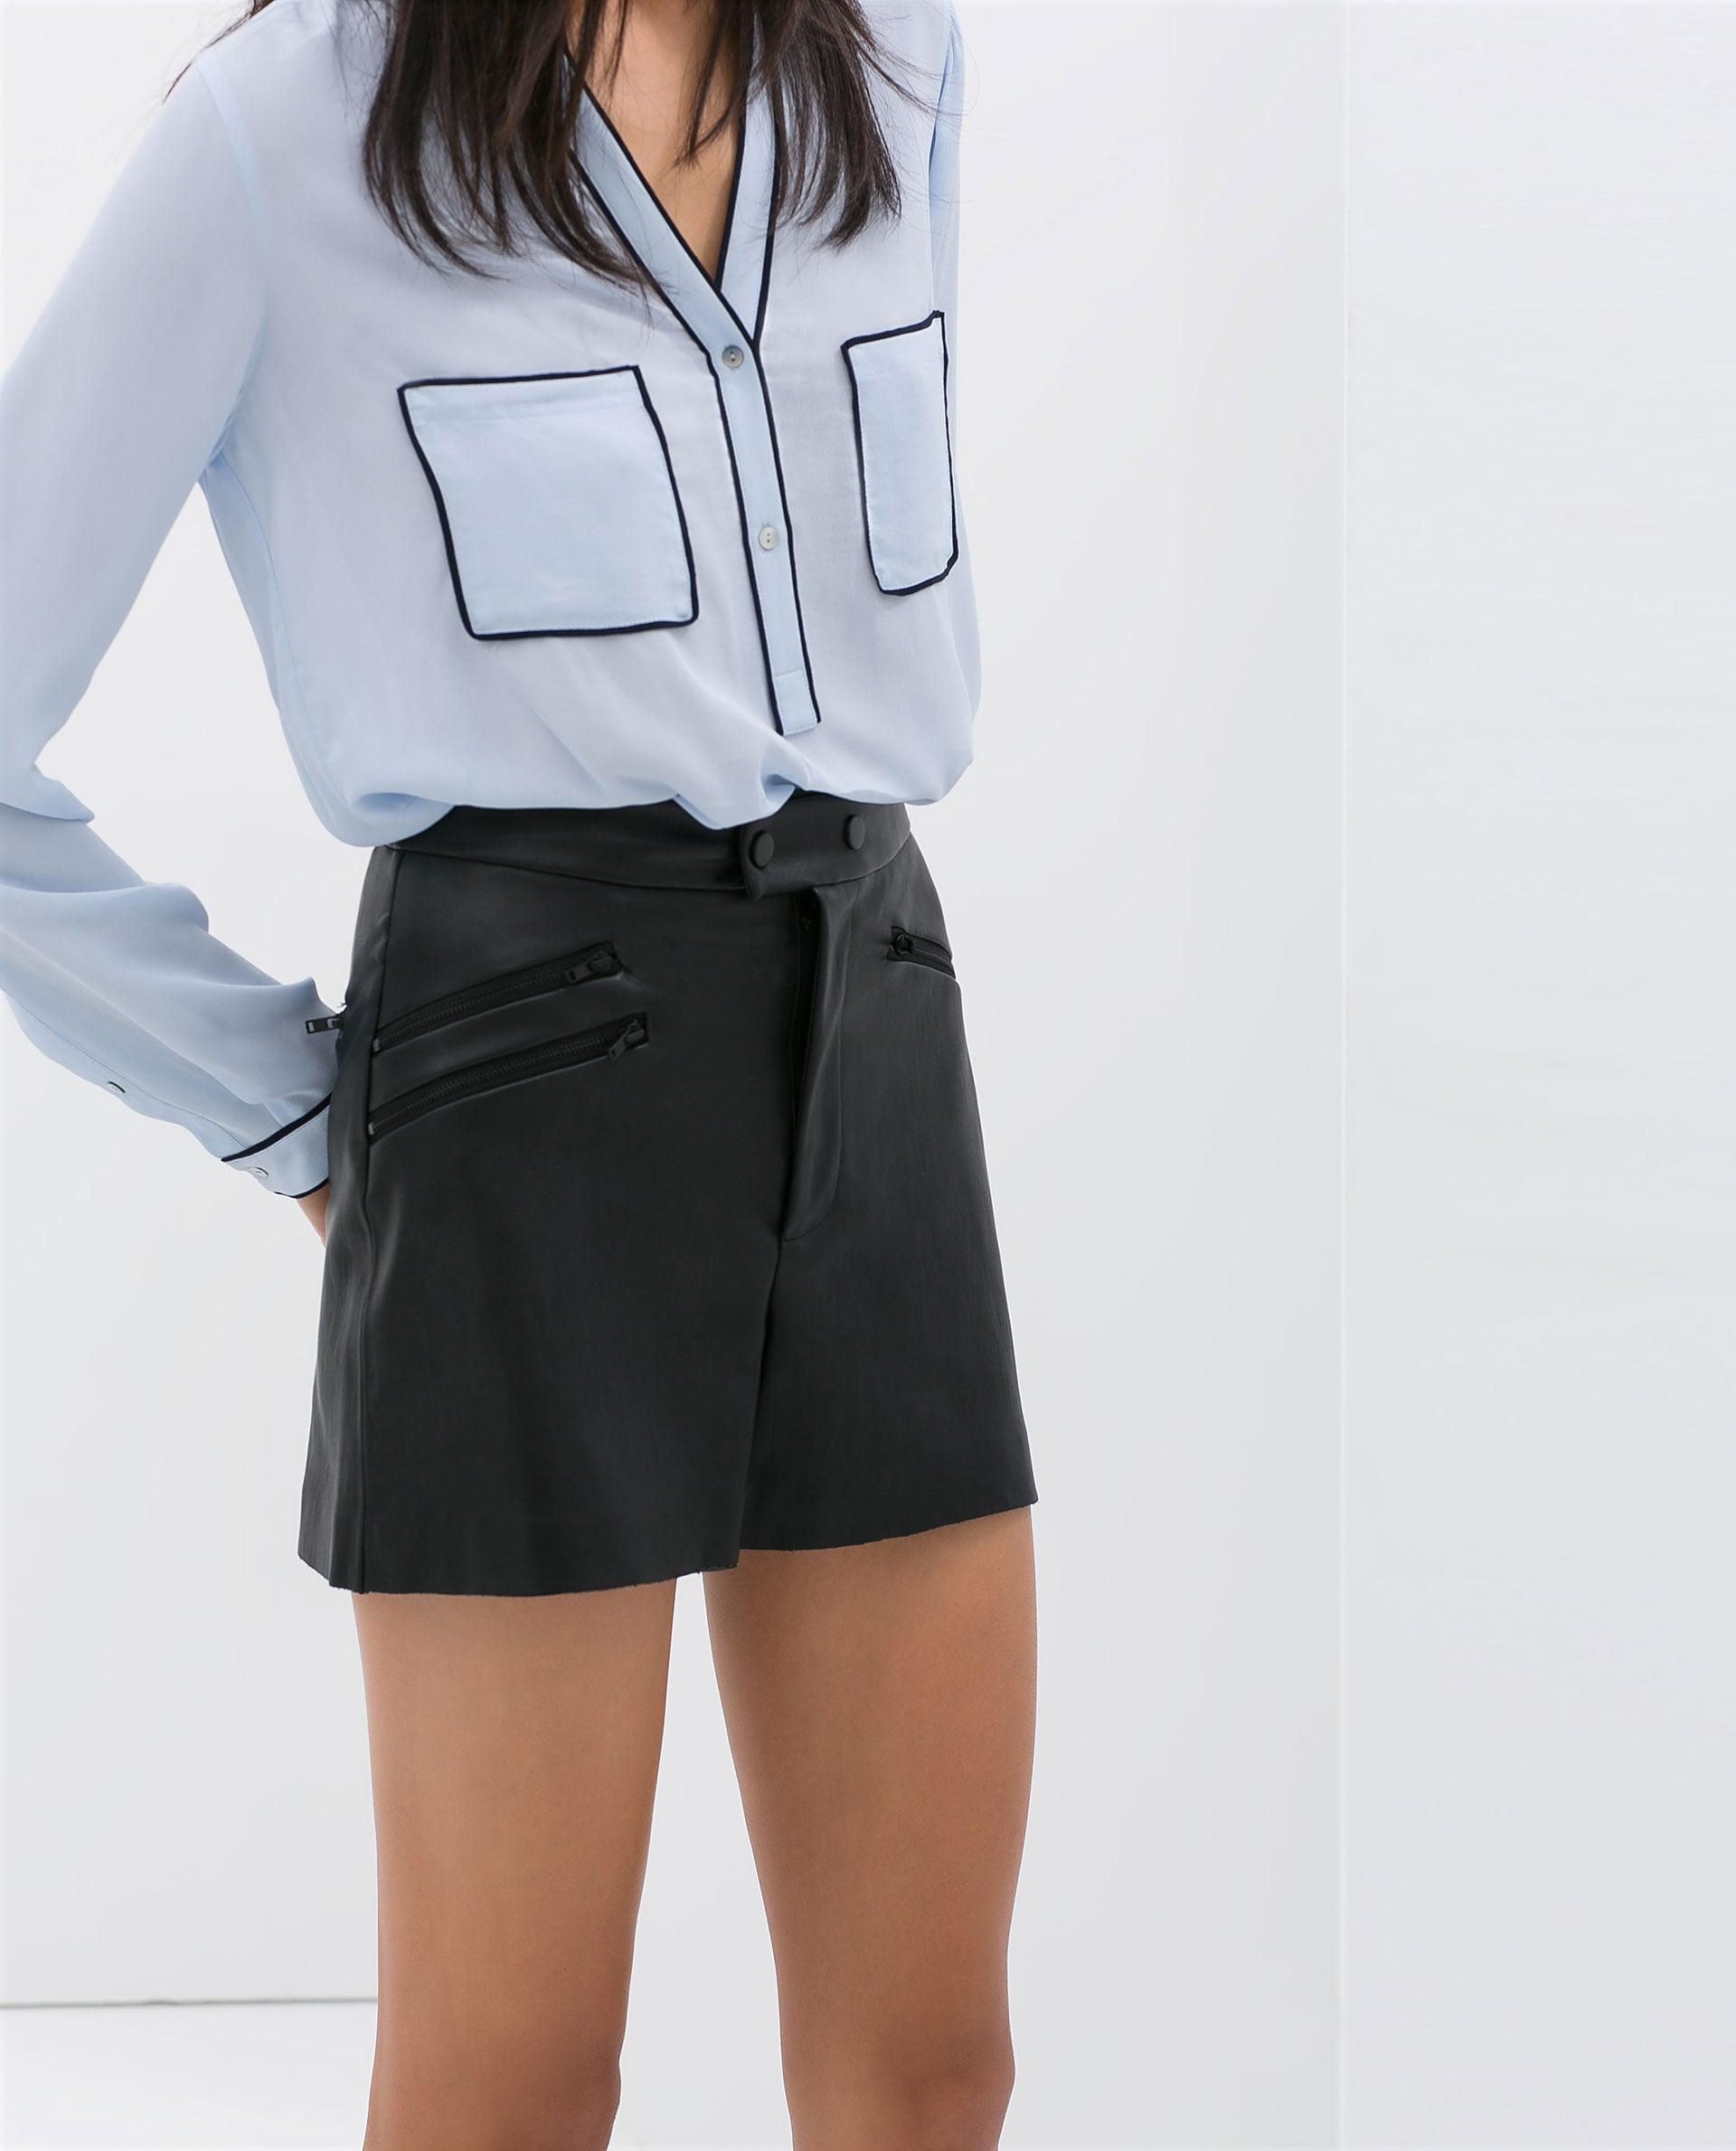 Zara Shorts With Zips ($60)